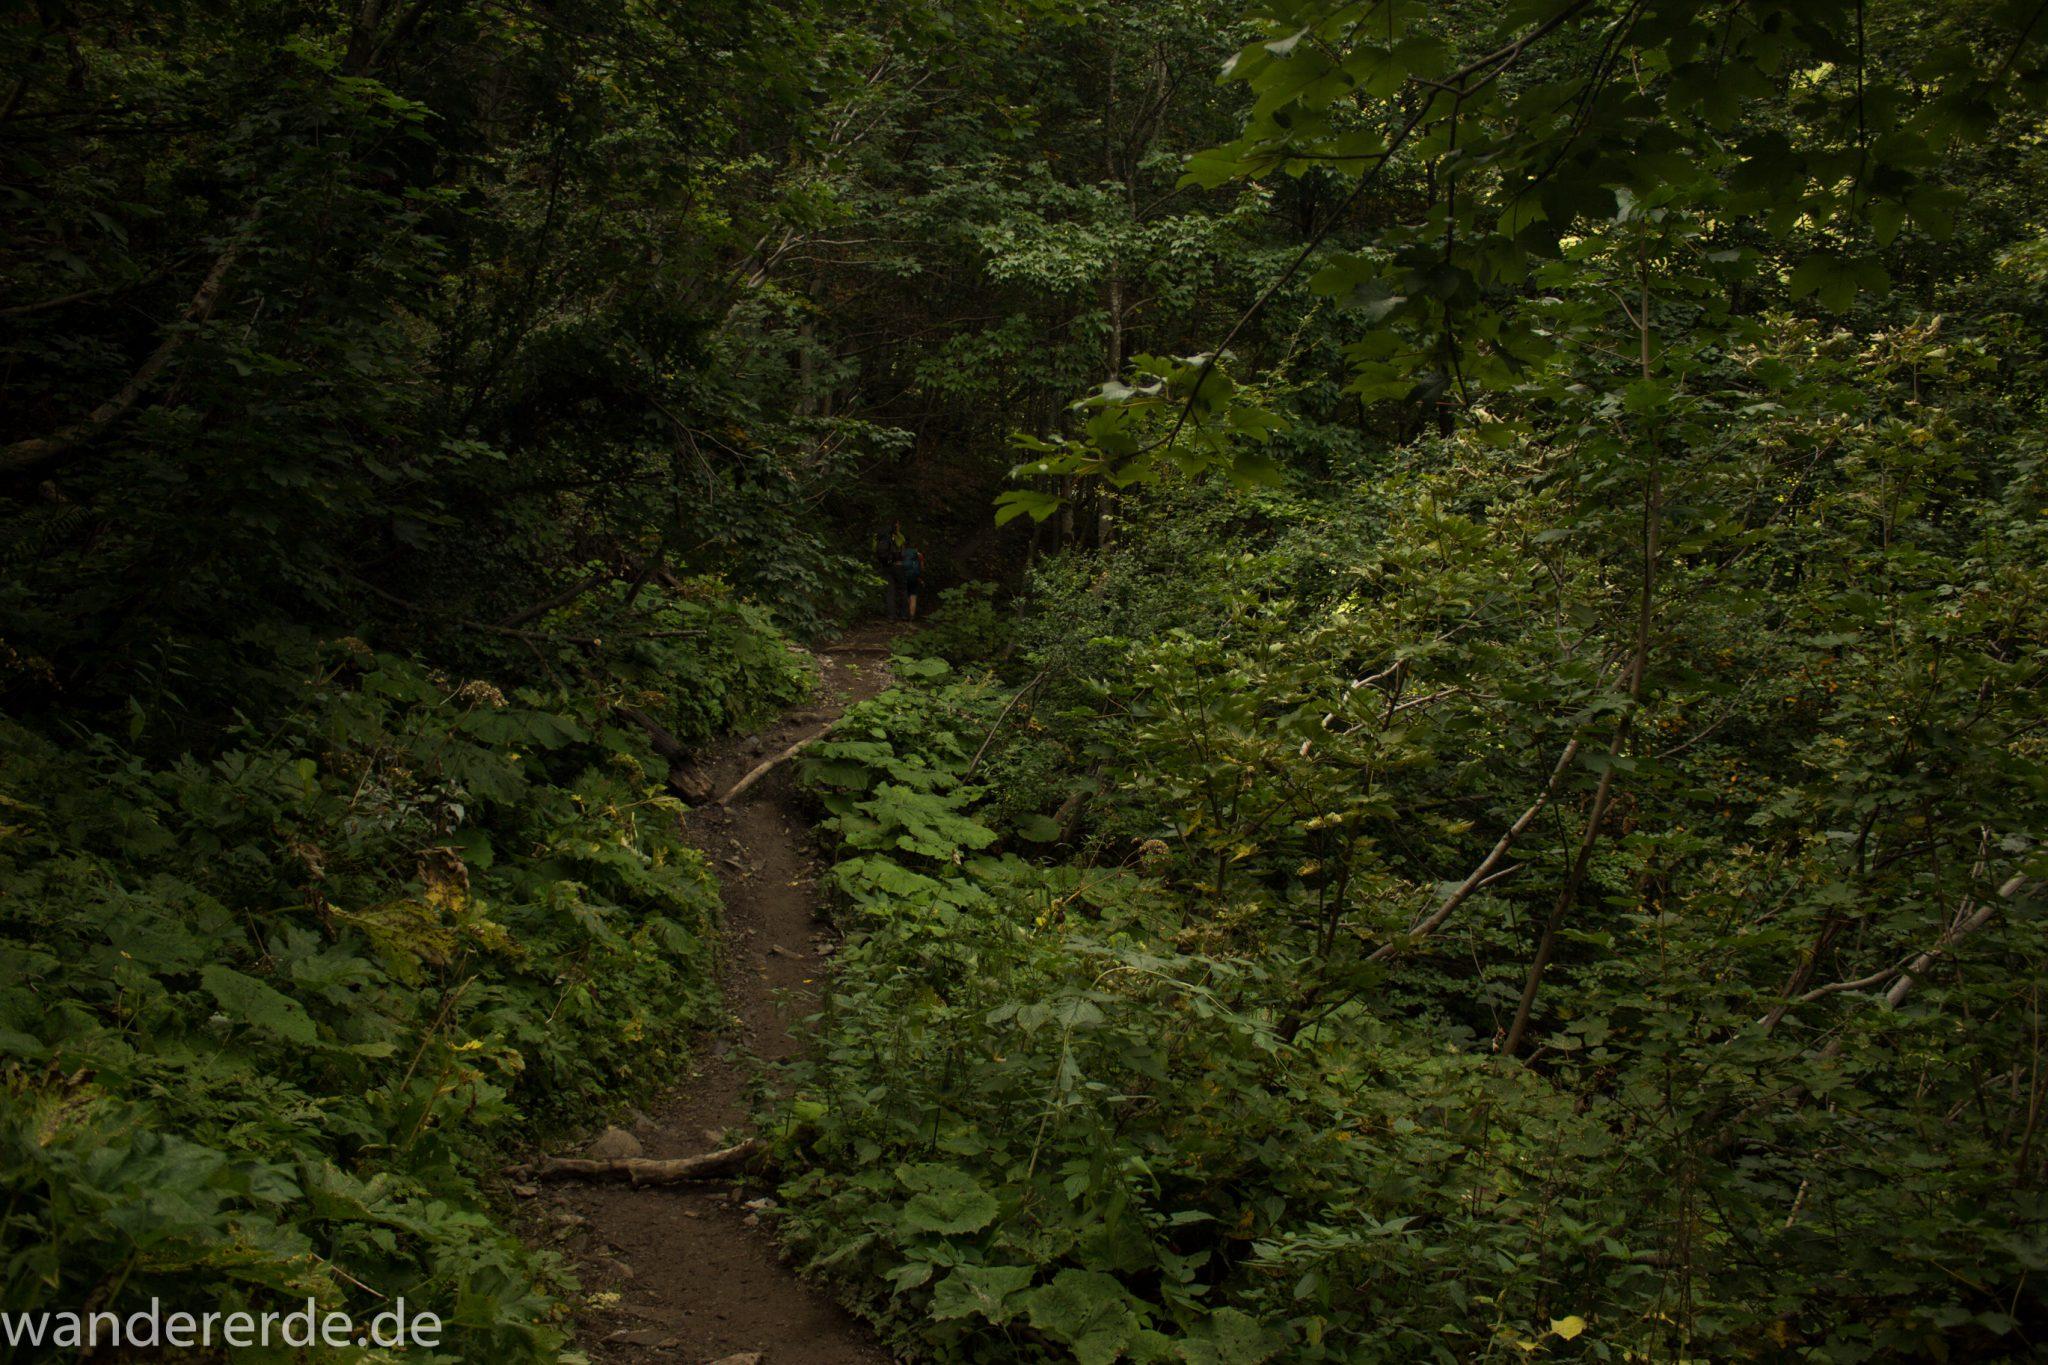 Alpenüberquerung Fernwanderweg E5 Oberstdorf Meran, 1. Etappe von Oberstdorf zur Kemptner Hütte, Wanderweg führt von der Spielmannsau bei Oberstdorf im Allgäu zur Kemptner Hütte  entlang eines schmalen Wanderpfads umgeben von saftig grüner Vegetation, beinahe wie im Dschungel, schöner, dichter Wald